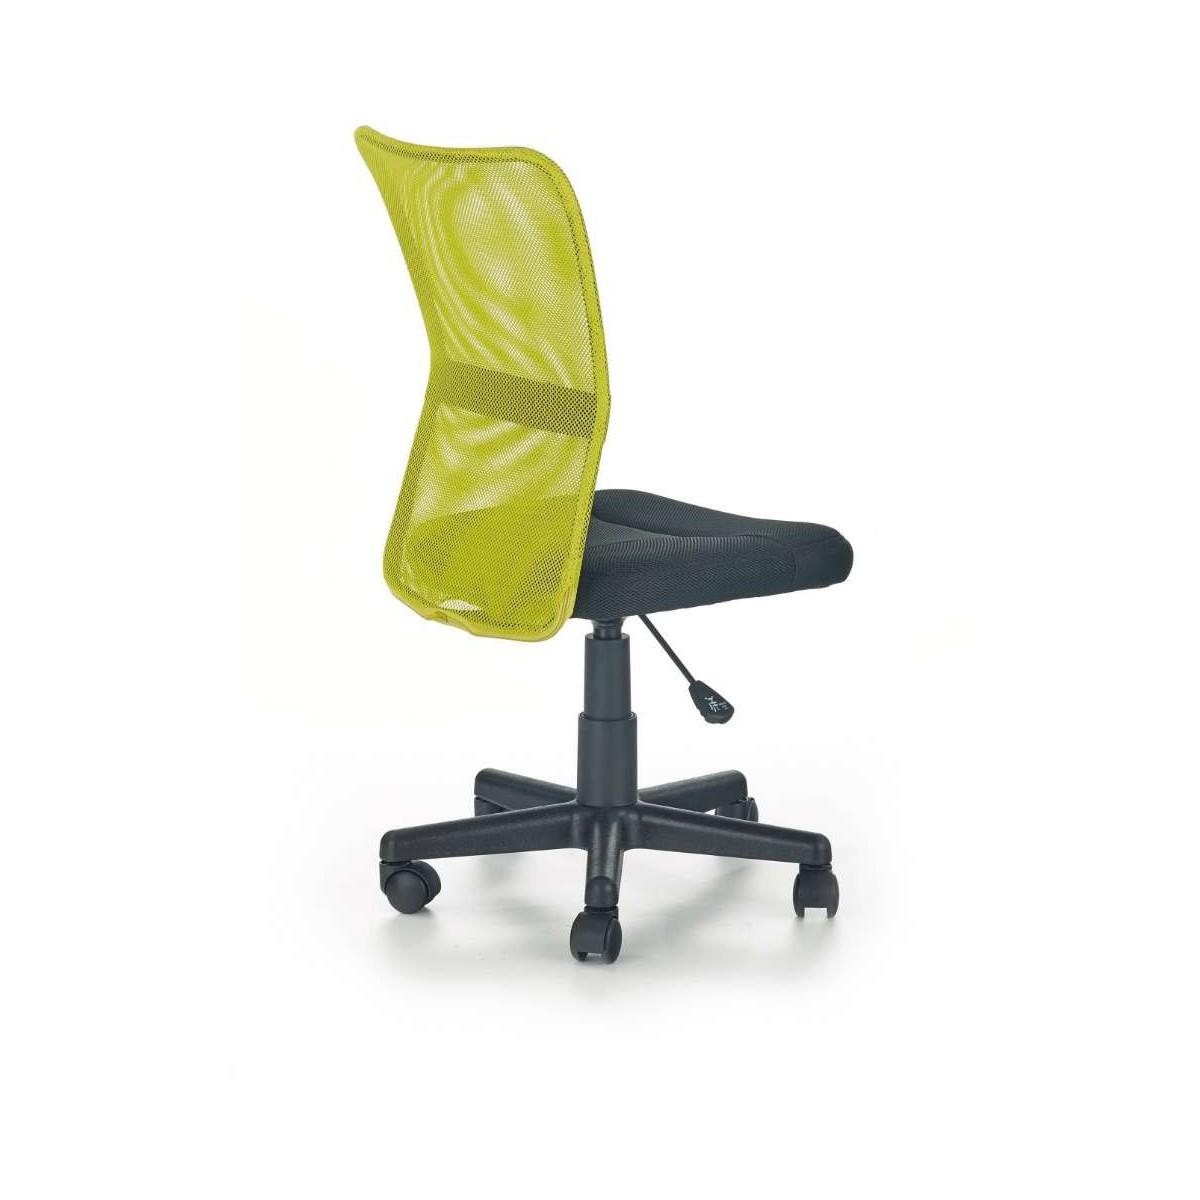 Dingo fotel młodzieżowy limonkowy